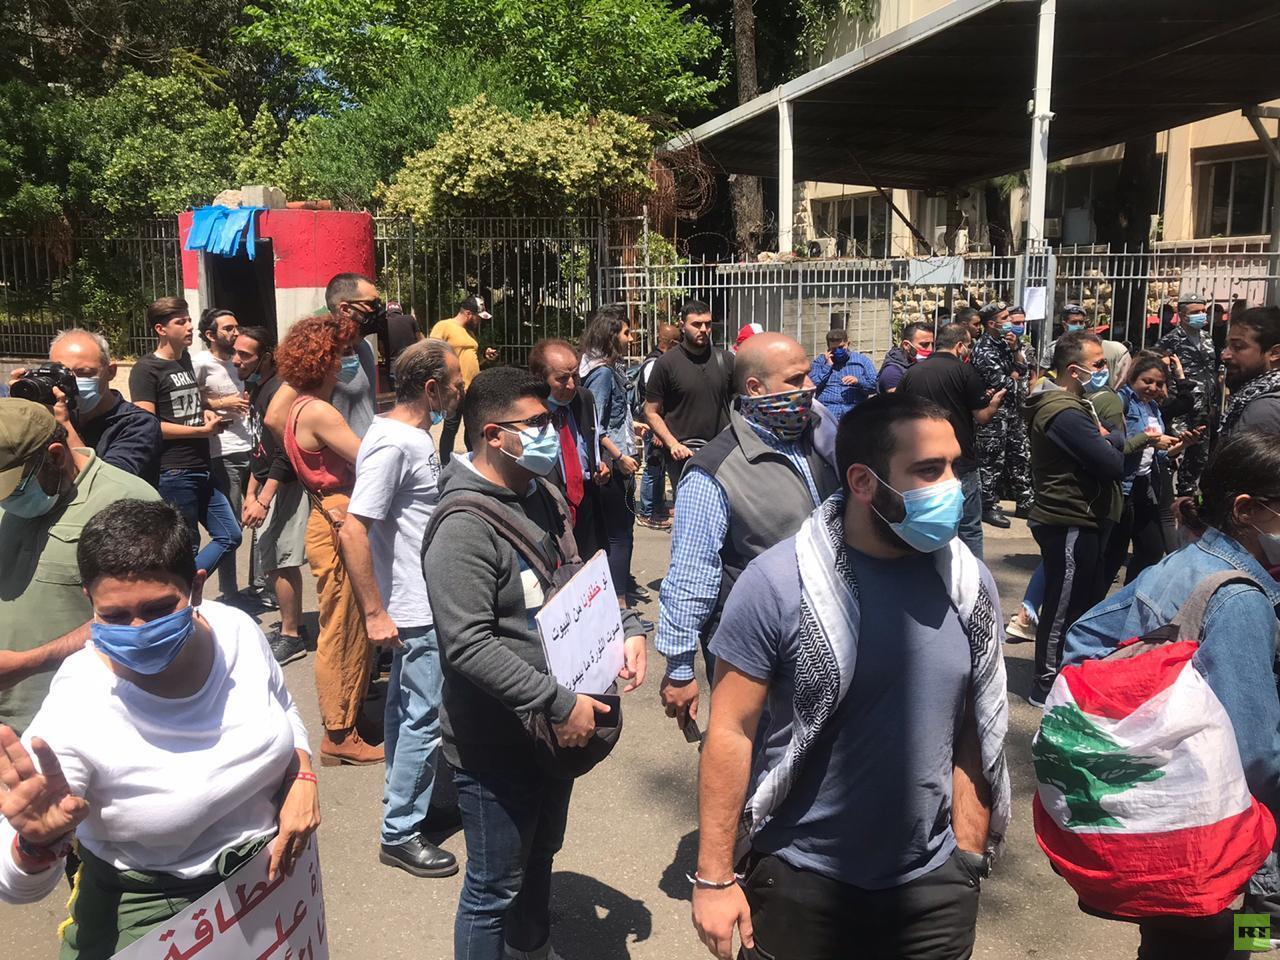 احتجاجات أمام البرلمان وقصر العدل في بيروت (فيديو)